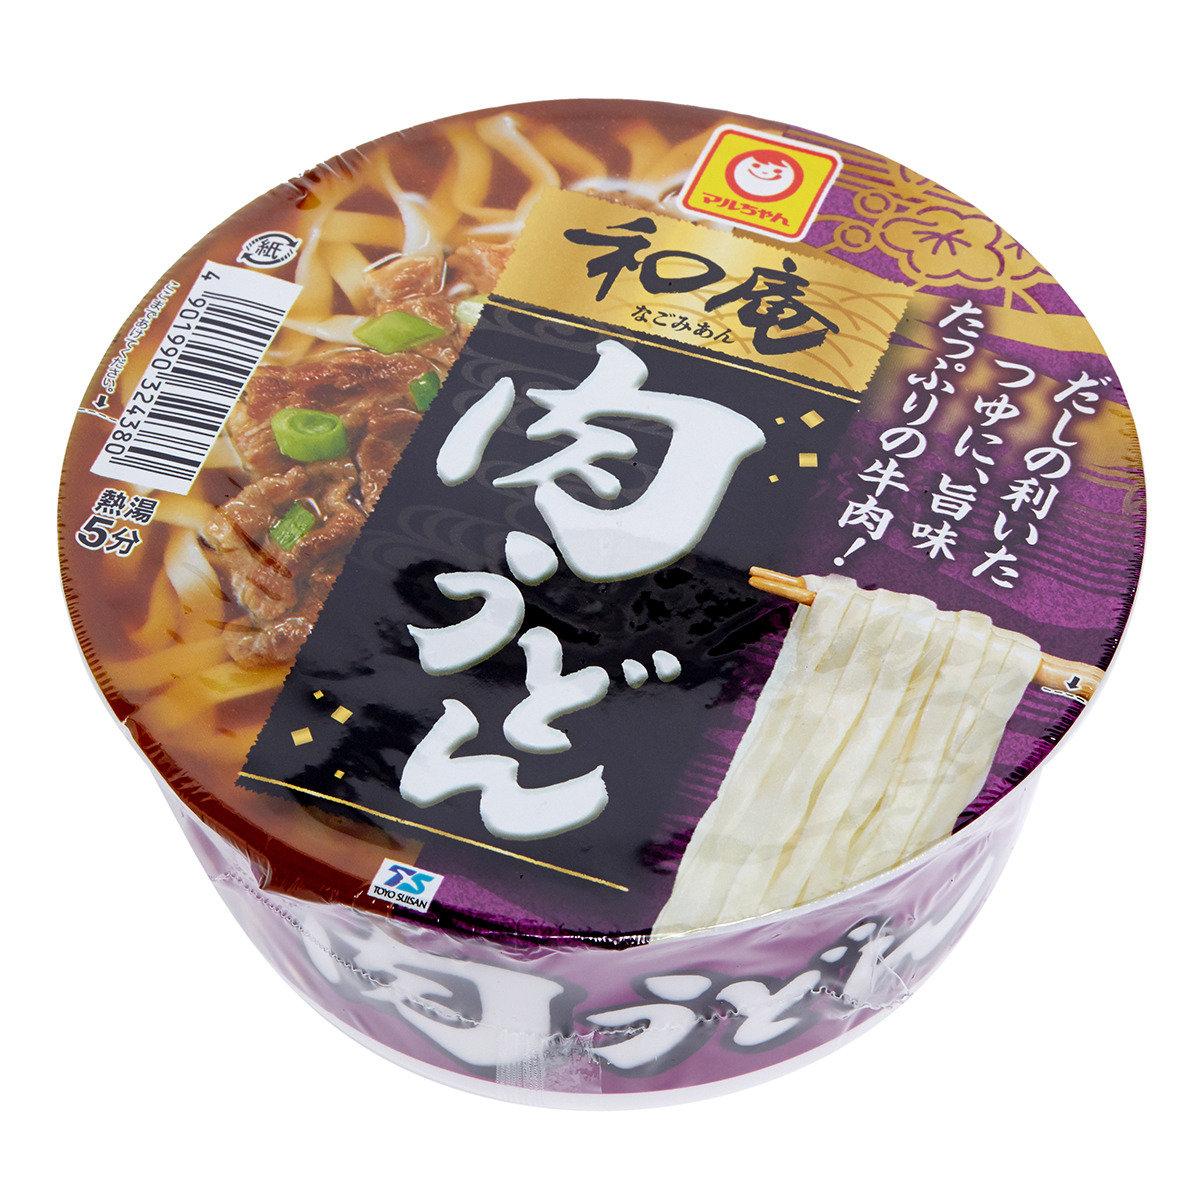 和庵肉拌碗麵 (賞味期限:12/11/2016)